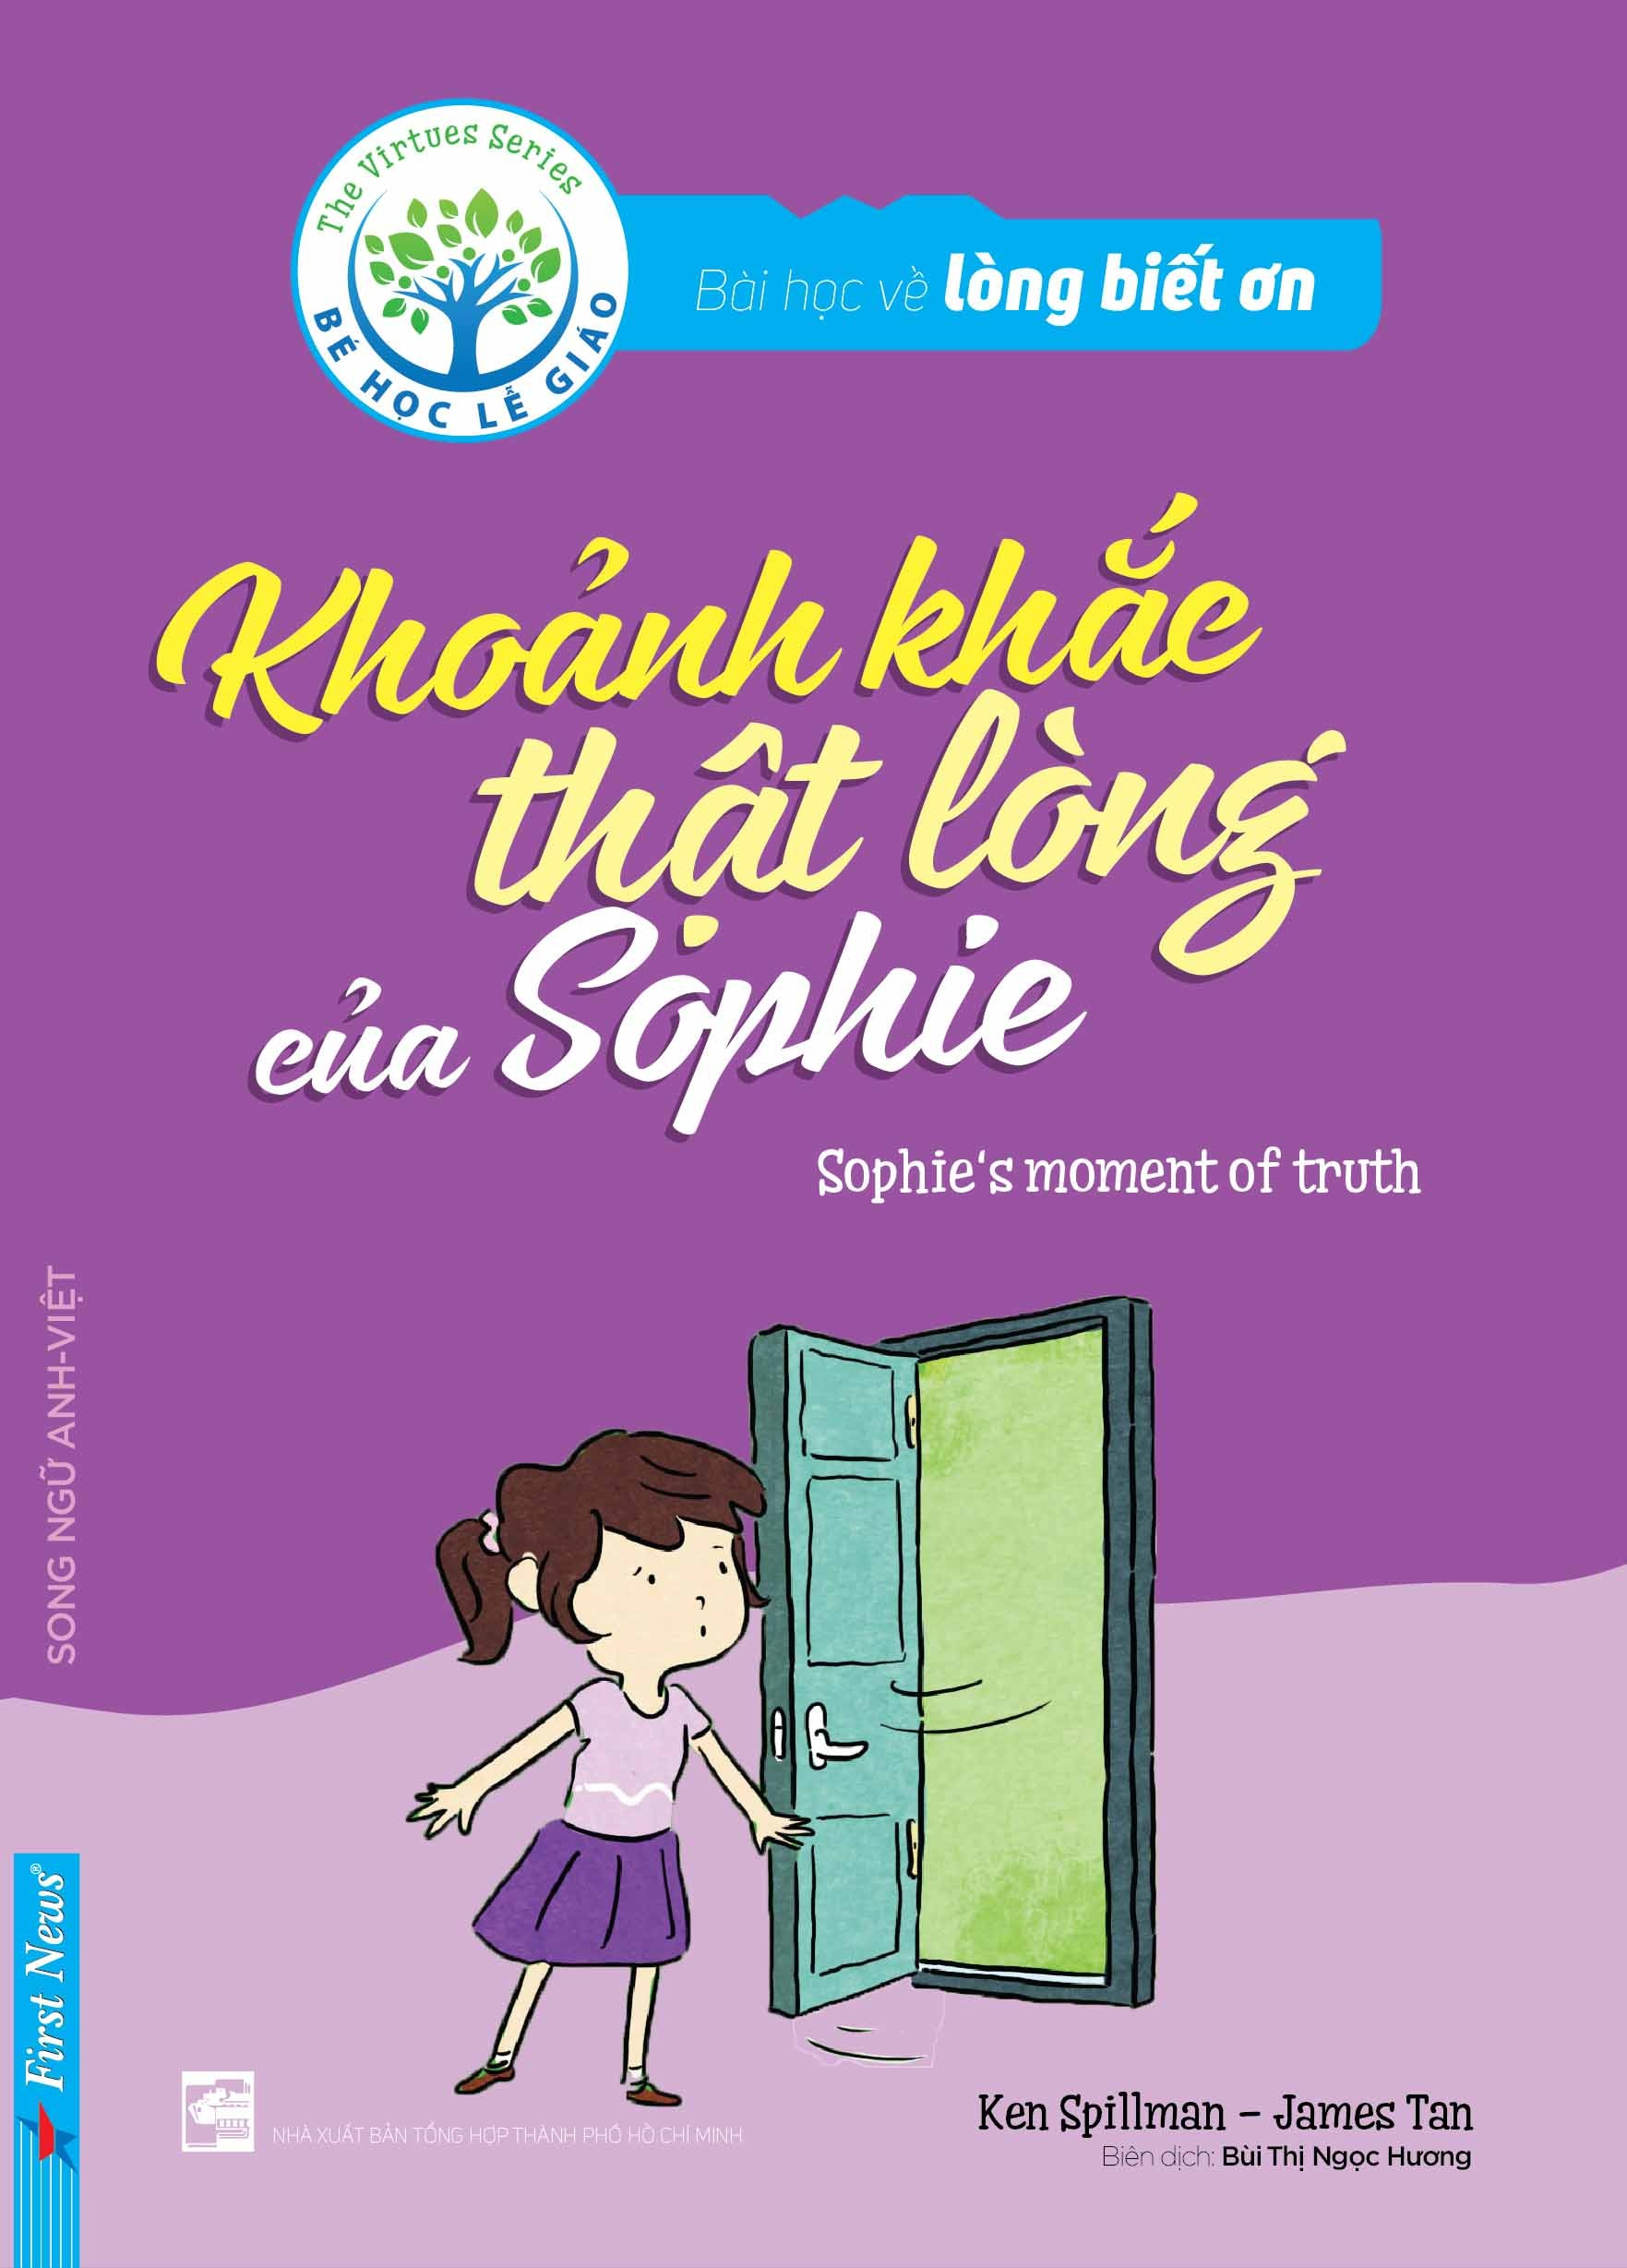 Bài Học Về Lòng Biết Ơn - Khoảnh Khắc Thật Lòng Của Sophie (Song Ngữ Anh - Việt) - 9398702 , 8935086842249 , 62_578780 , 27000 , Bai-Hoc-Ve-Long-Biet-On-Khoanh-Khac-That-Long-Cua-Sophie-Song-Ngu-Anh-Viet-62_578780 , tiki.vn , Bài Học Về Lòng Biết Ơn - Khoảnh Khắc Thật Lòng Của Sophie (Song Ngữ Anh - Việt)